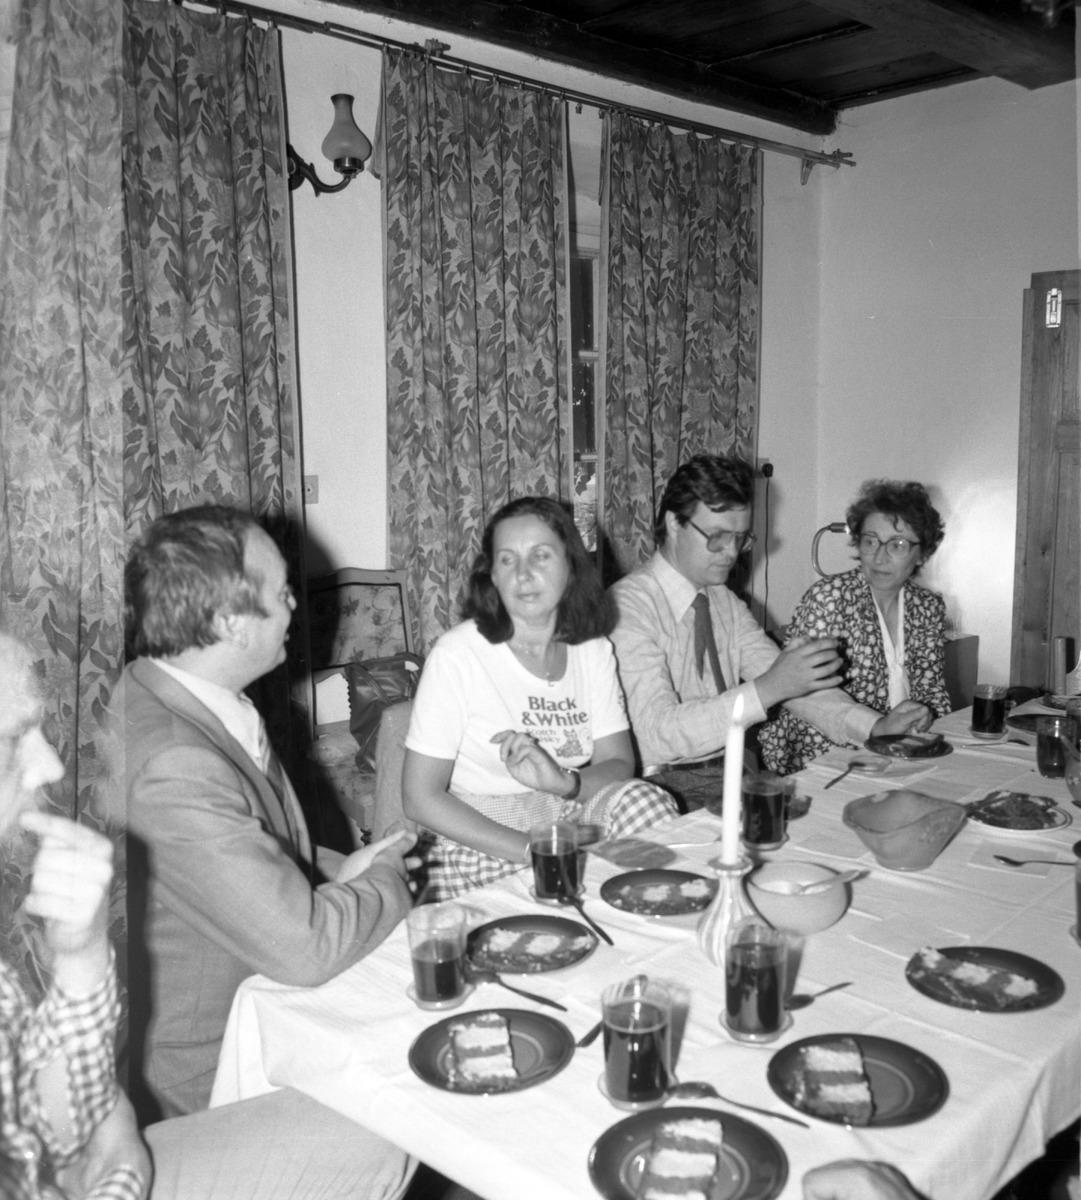 Jubileusz 43-lecia Towarzystwa Miłośników Ziemi Giżyckiej, 1987 r.